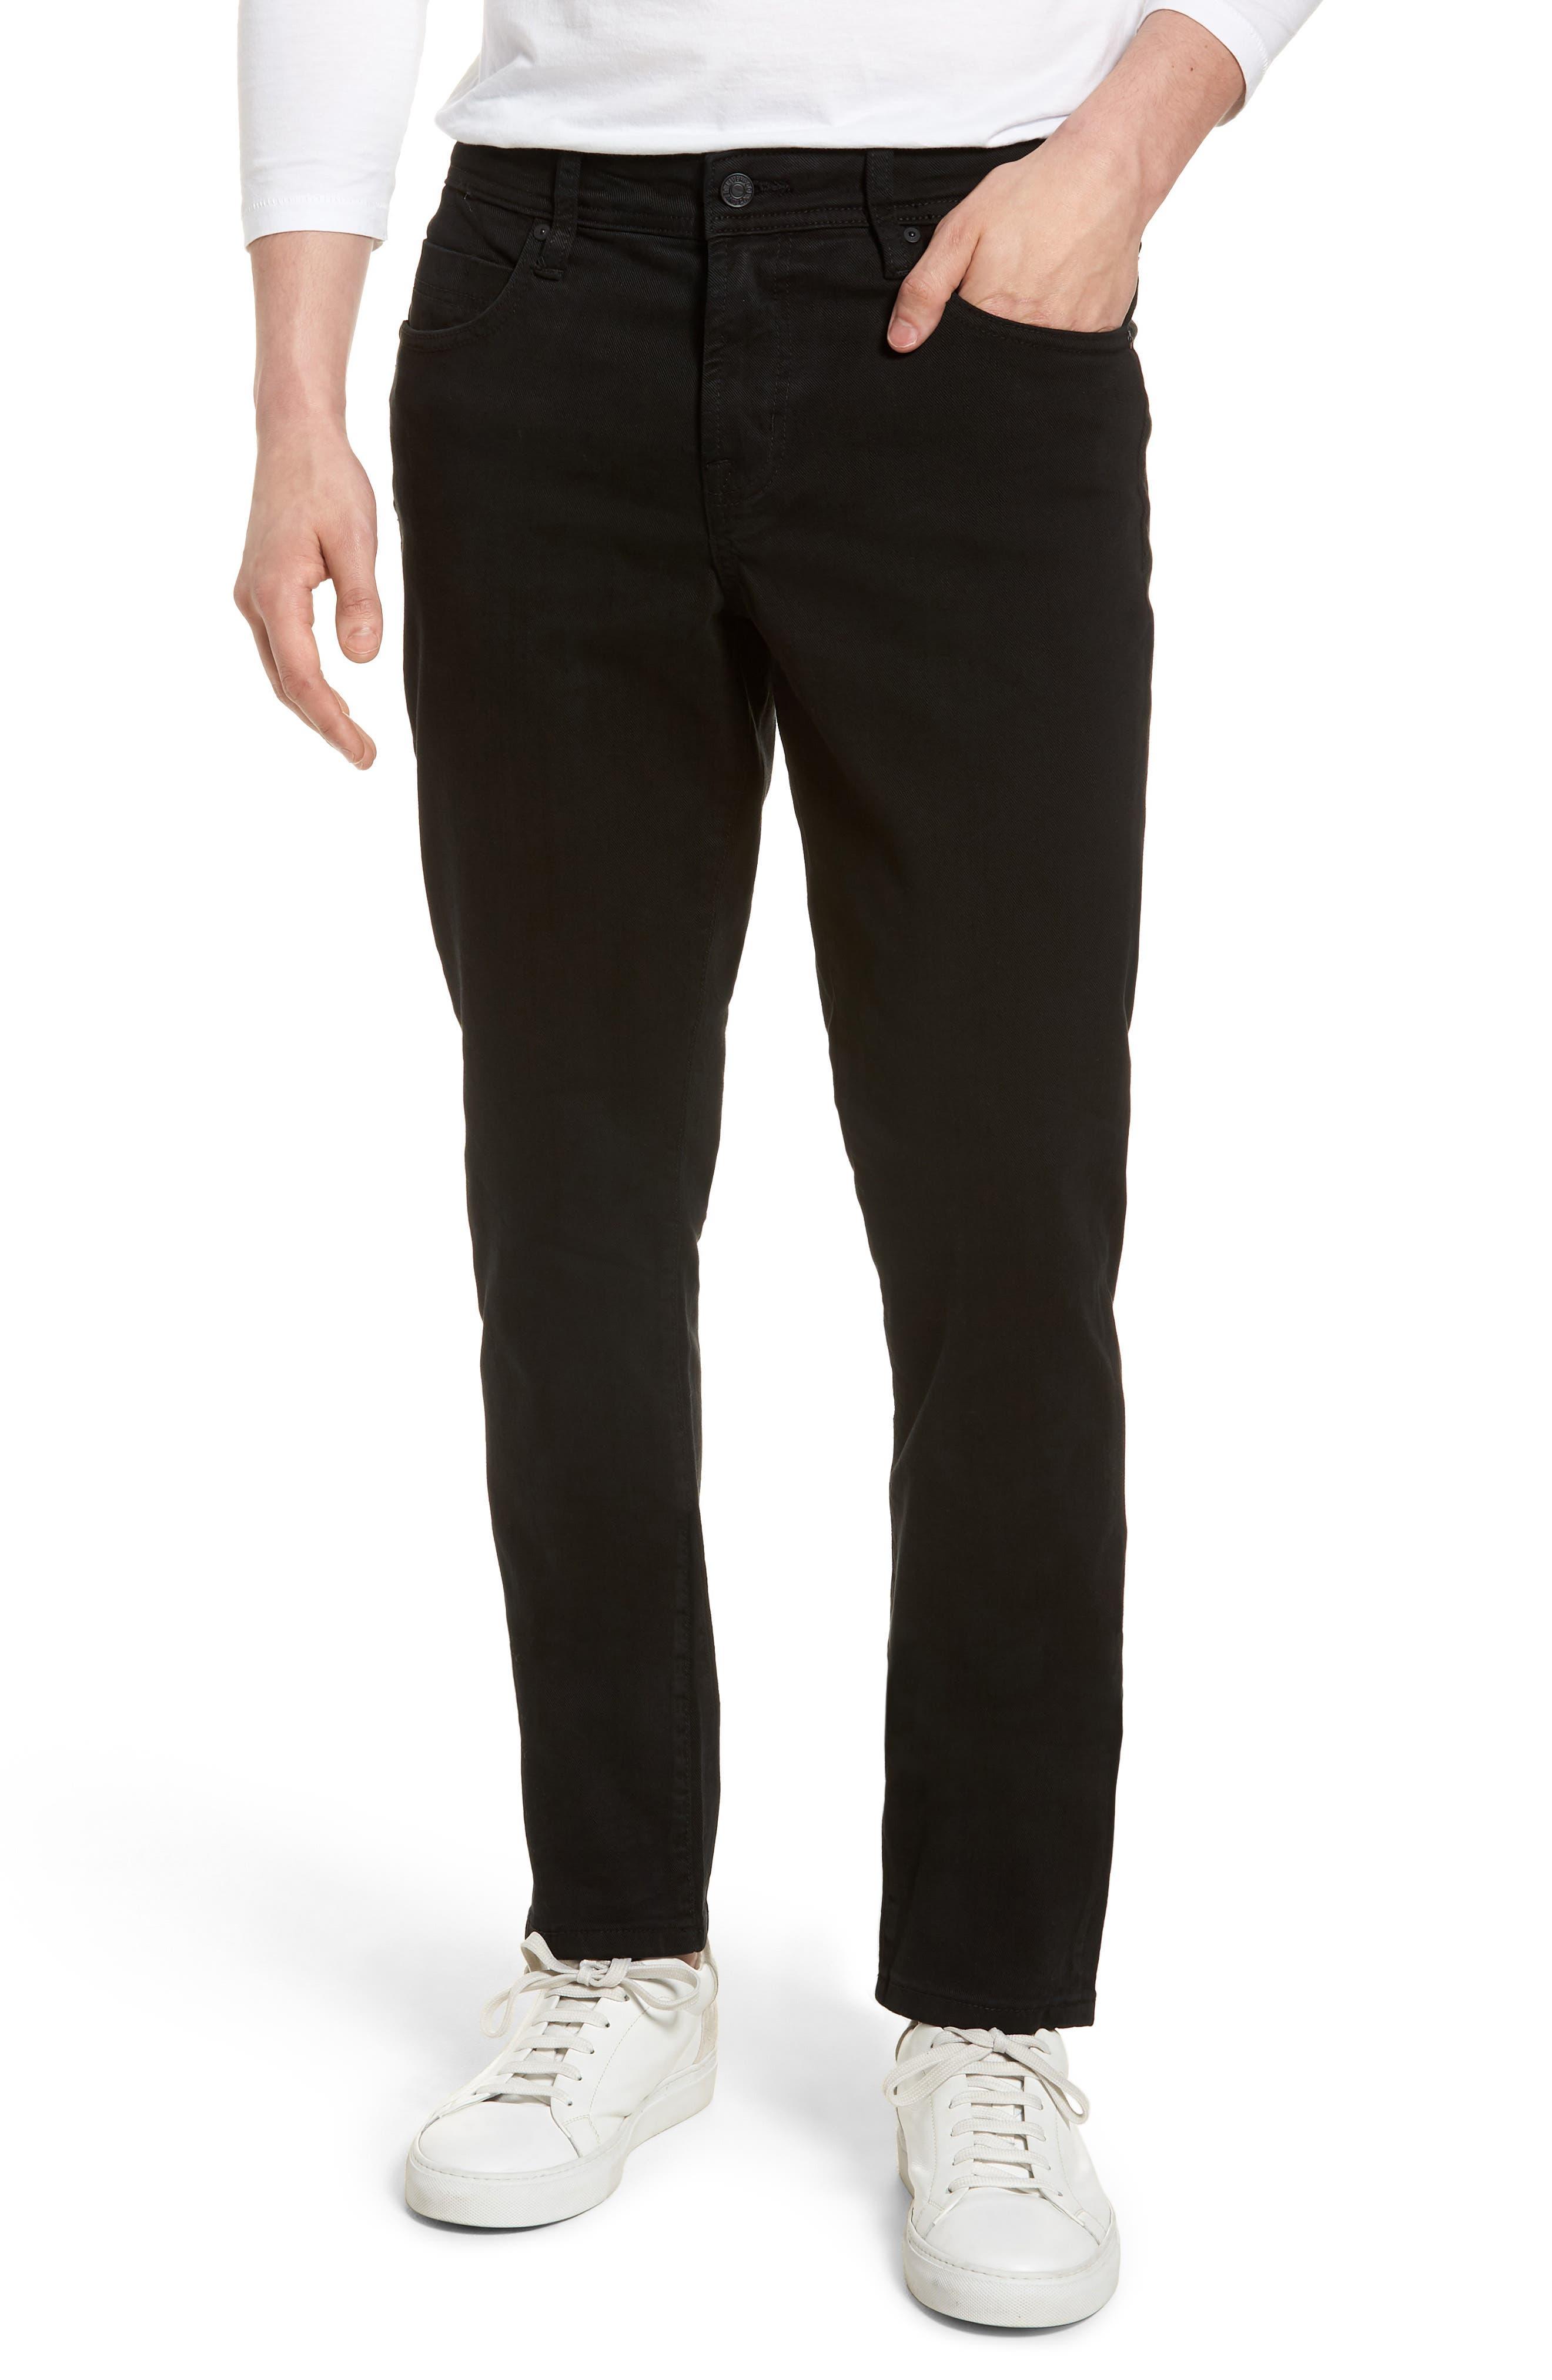 Jeans Co. Kingston Slim Straight Leg Jeans,                             Main thumbnail 1, color,                             Black Rinse